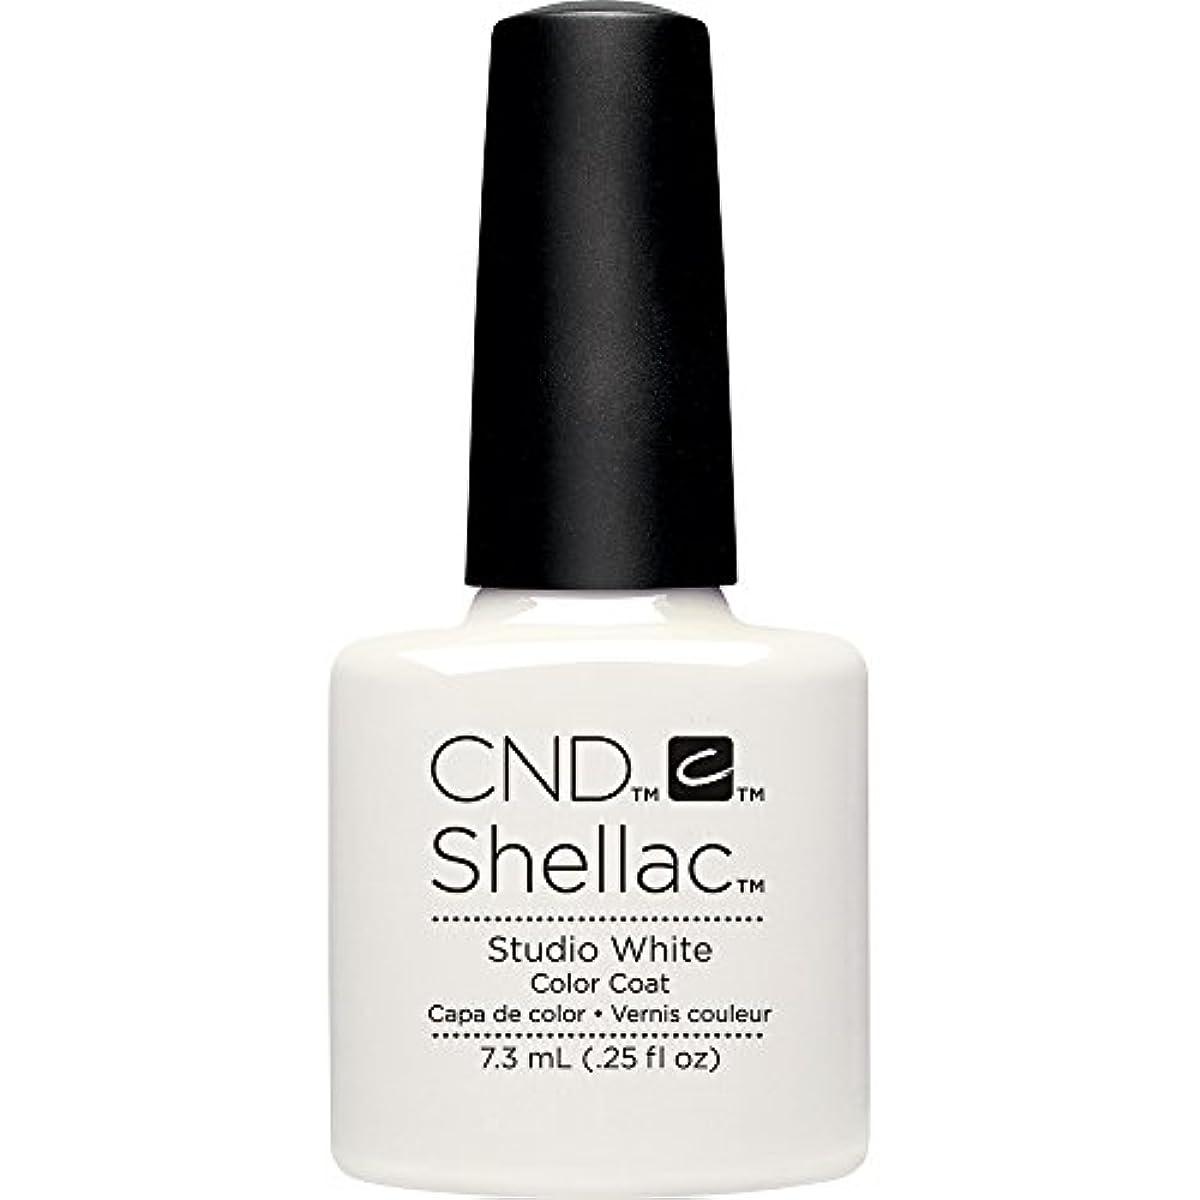 マングルひねり最終的にCND(シーエヌディー) シェラック UVカラーコート7.3mL 526 Studio White(マット)